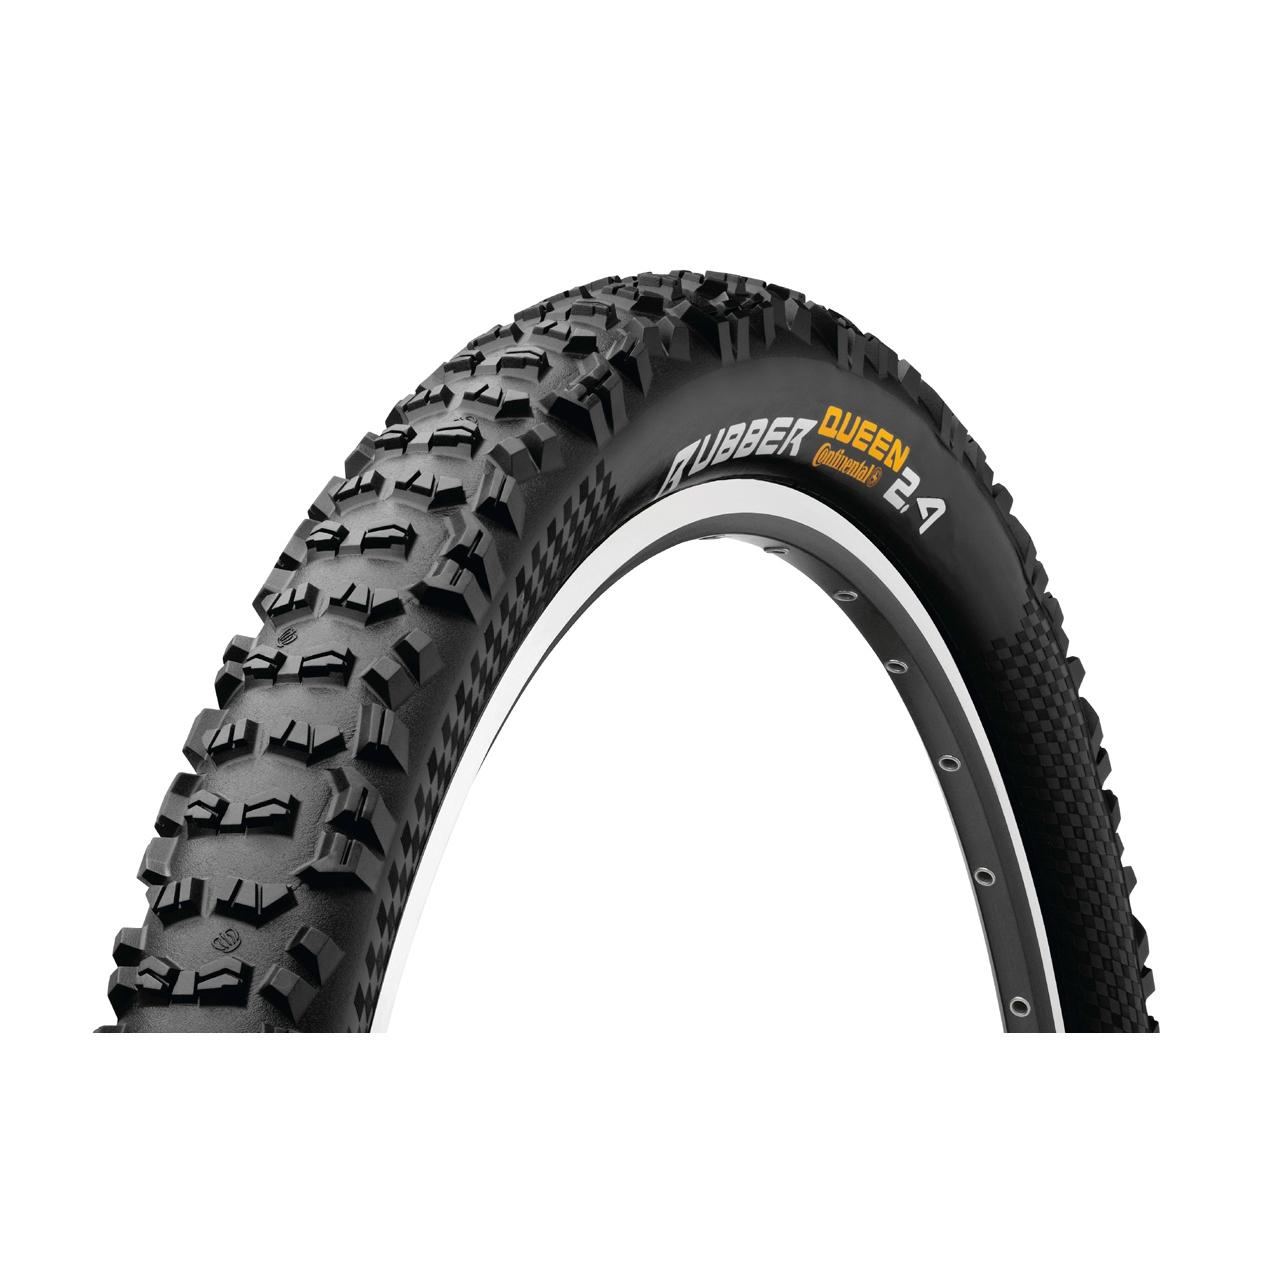 pneu continental rubber queen 2.4